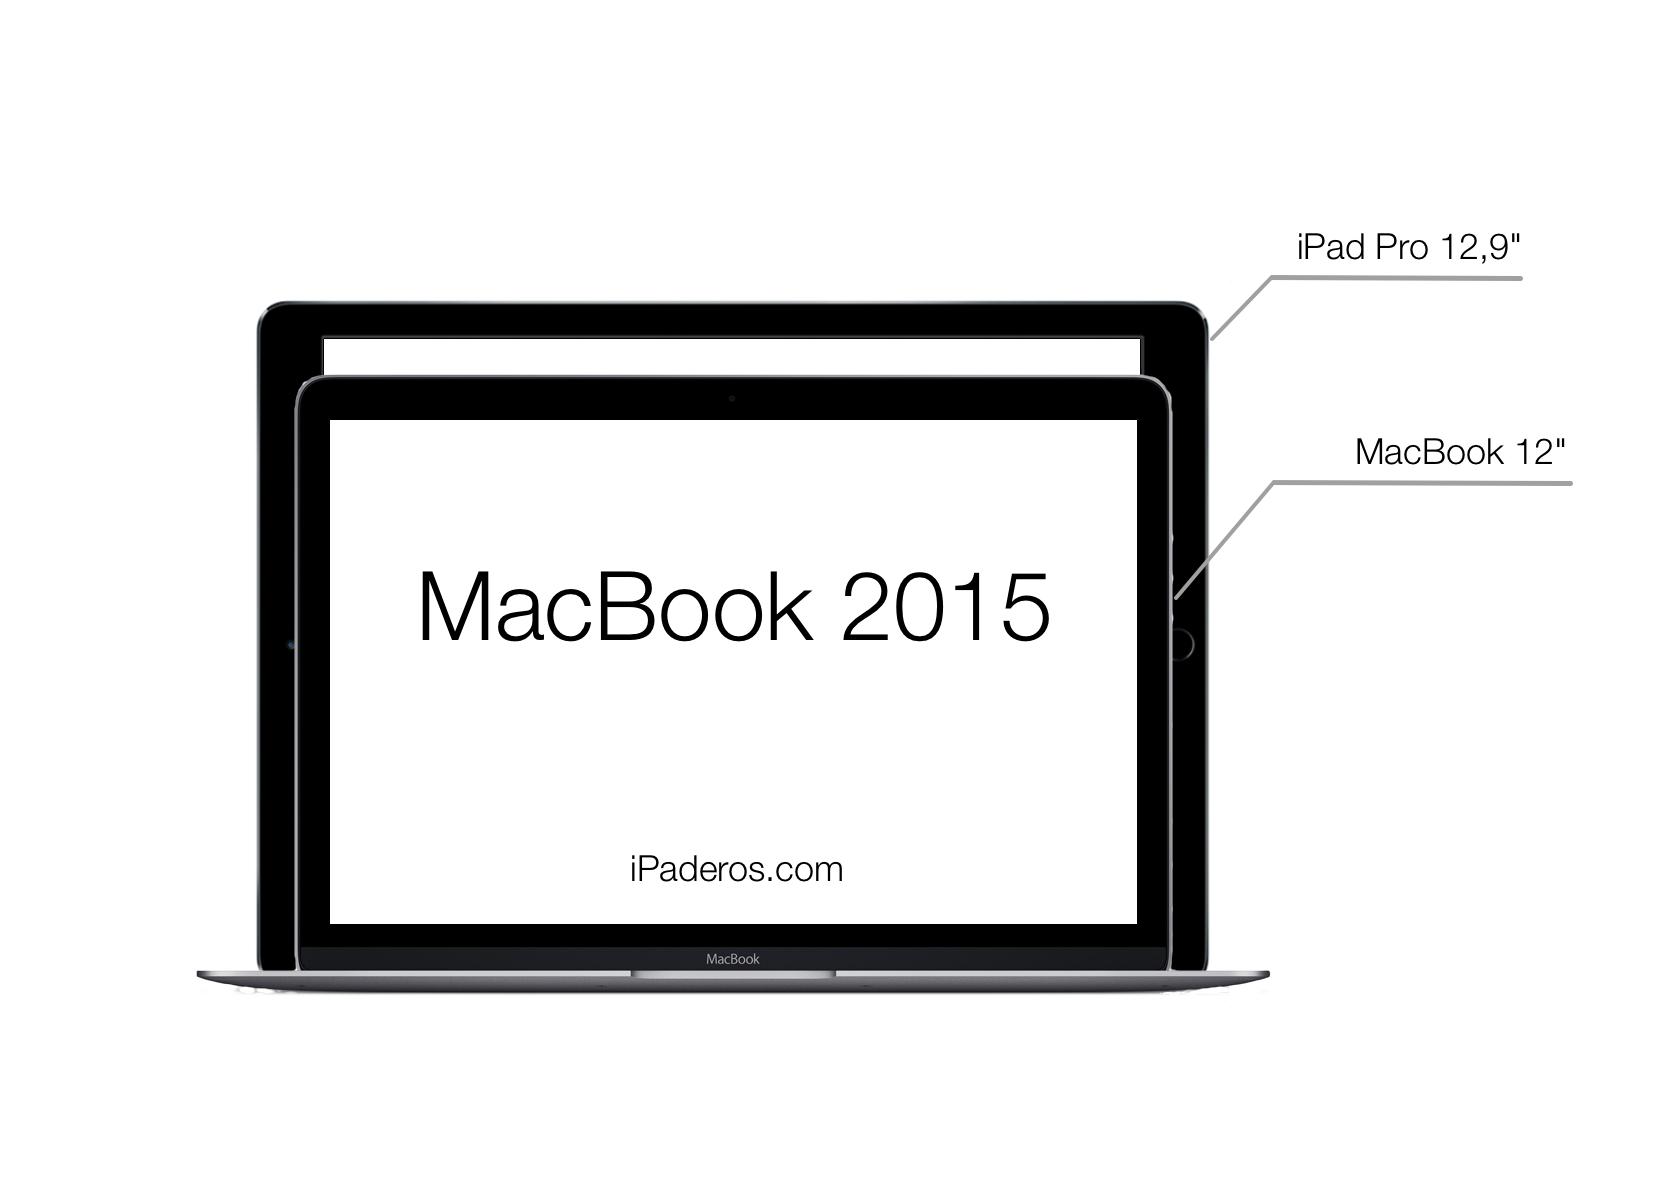 iPad Pro vs MacBook 2015 size comparison